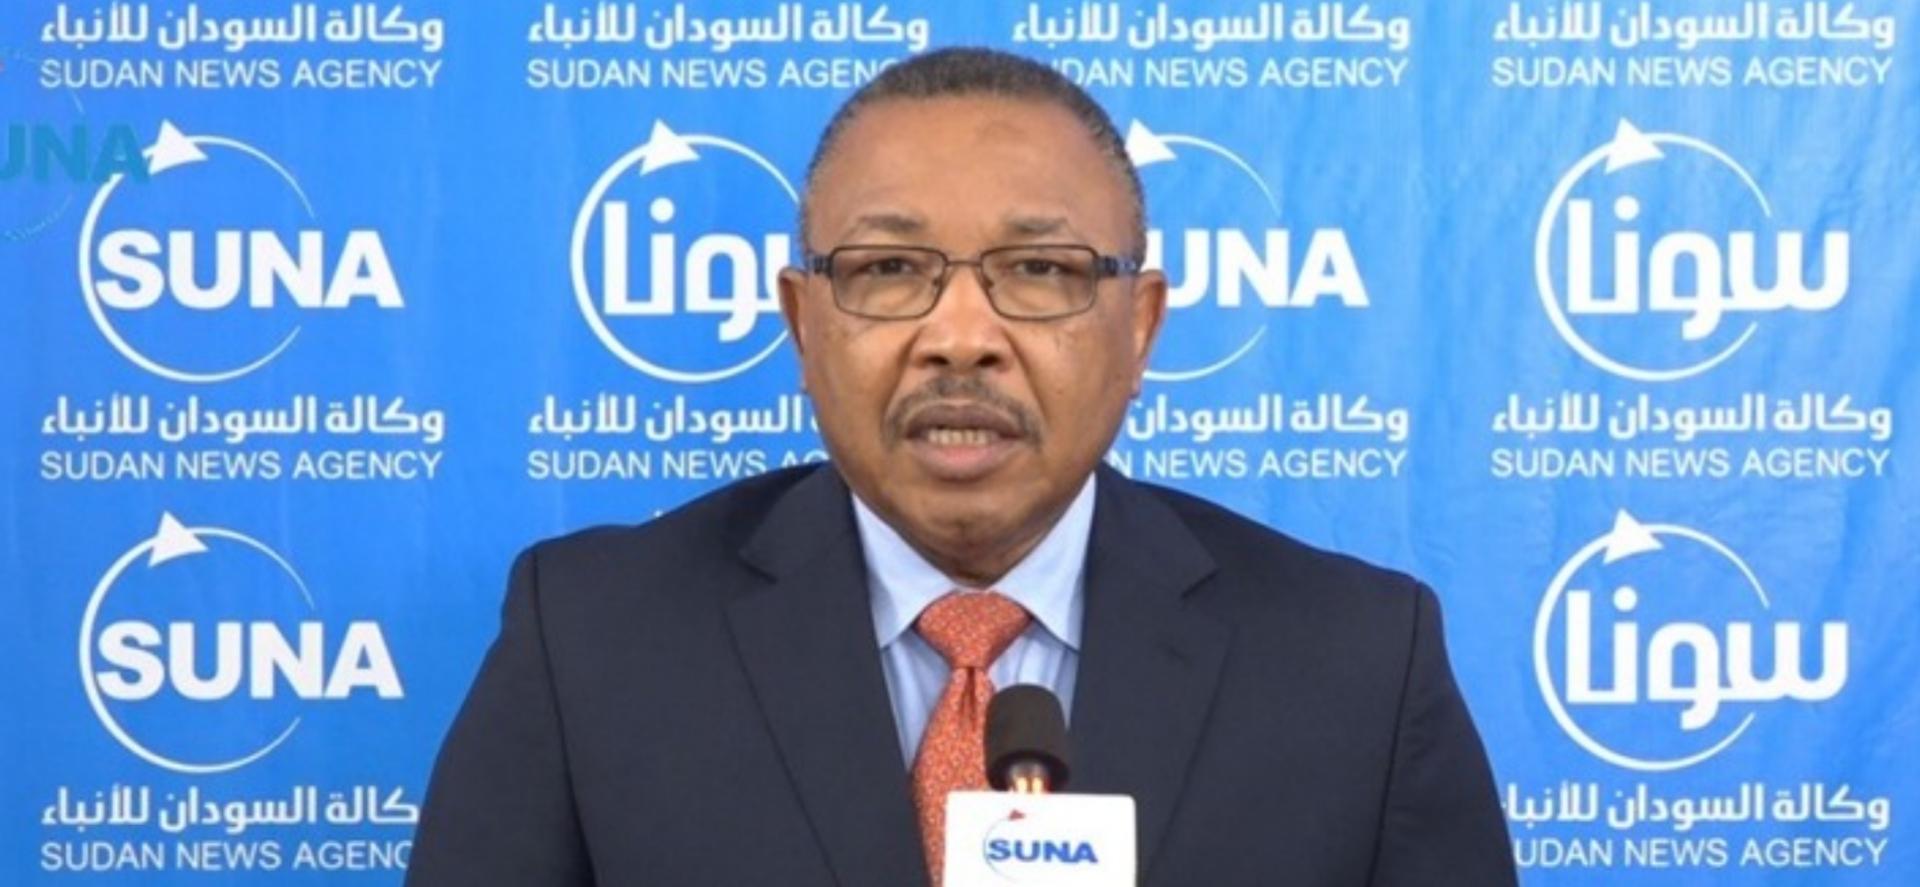 ABD'den Sudan'a: İsrail ile normalleşirseniz terör listesinden çıkartırız